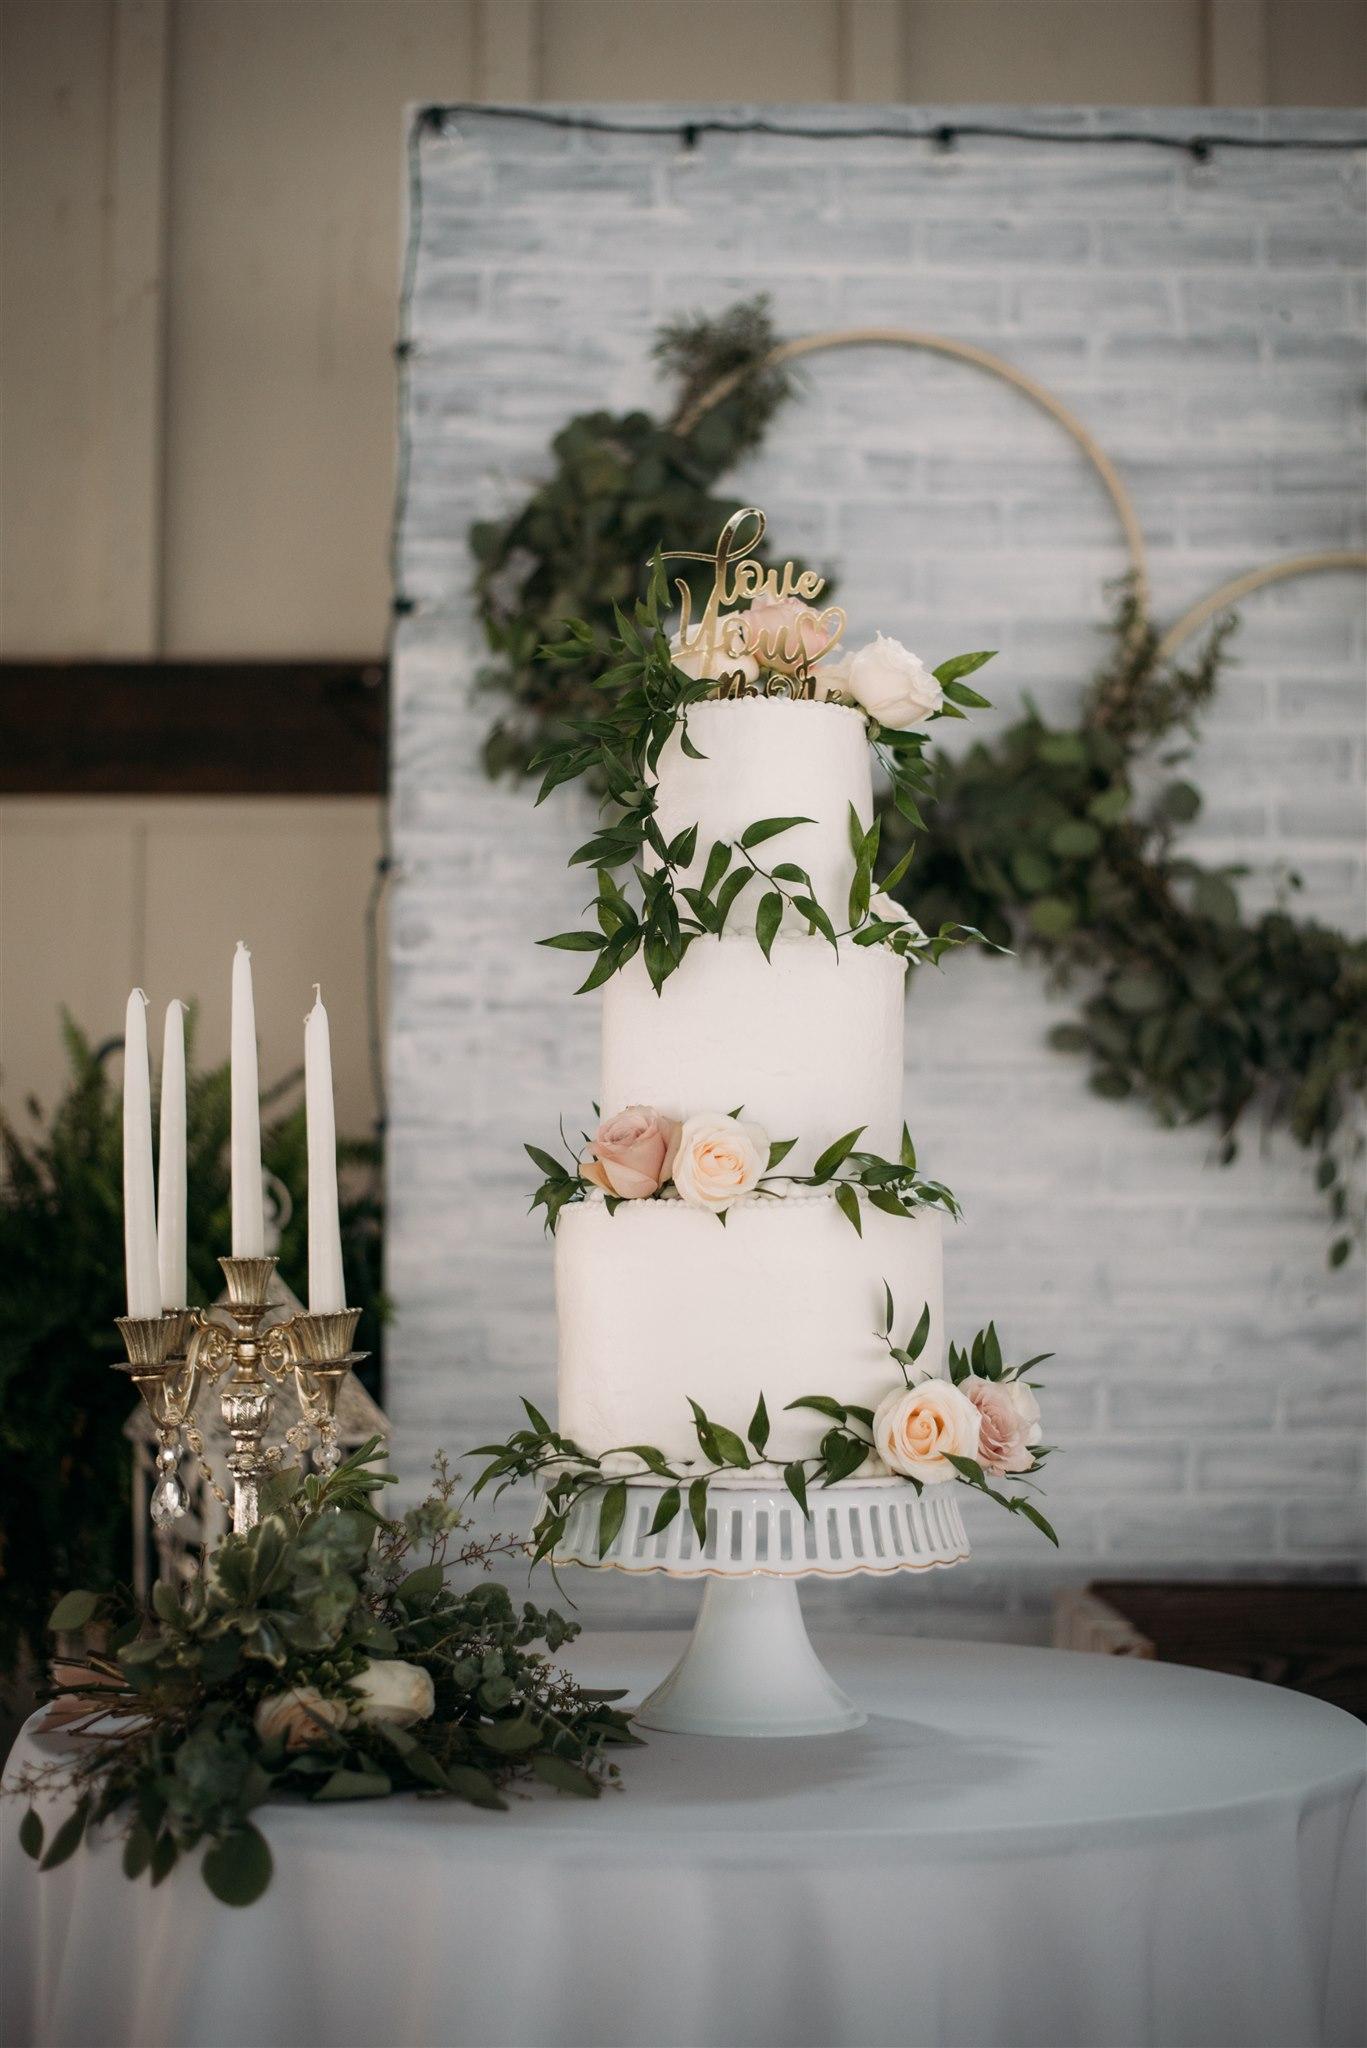 south carolina wedding photographer - charleston south carolina wedding - north carolina wedding photographer - raleigh wedding photographer - southern wedding